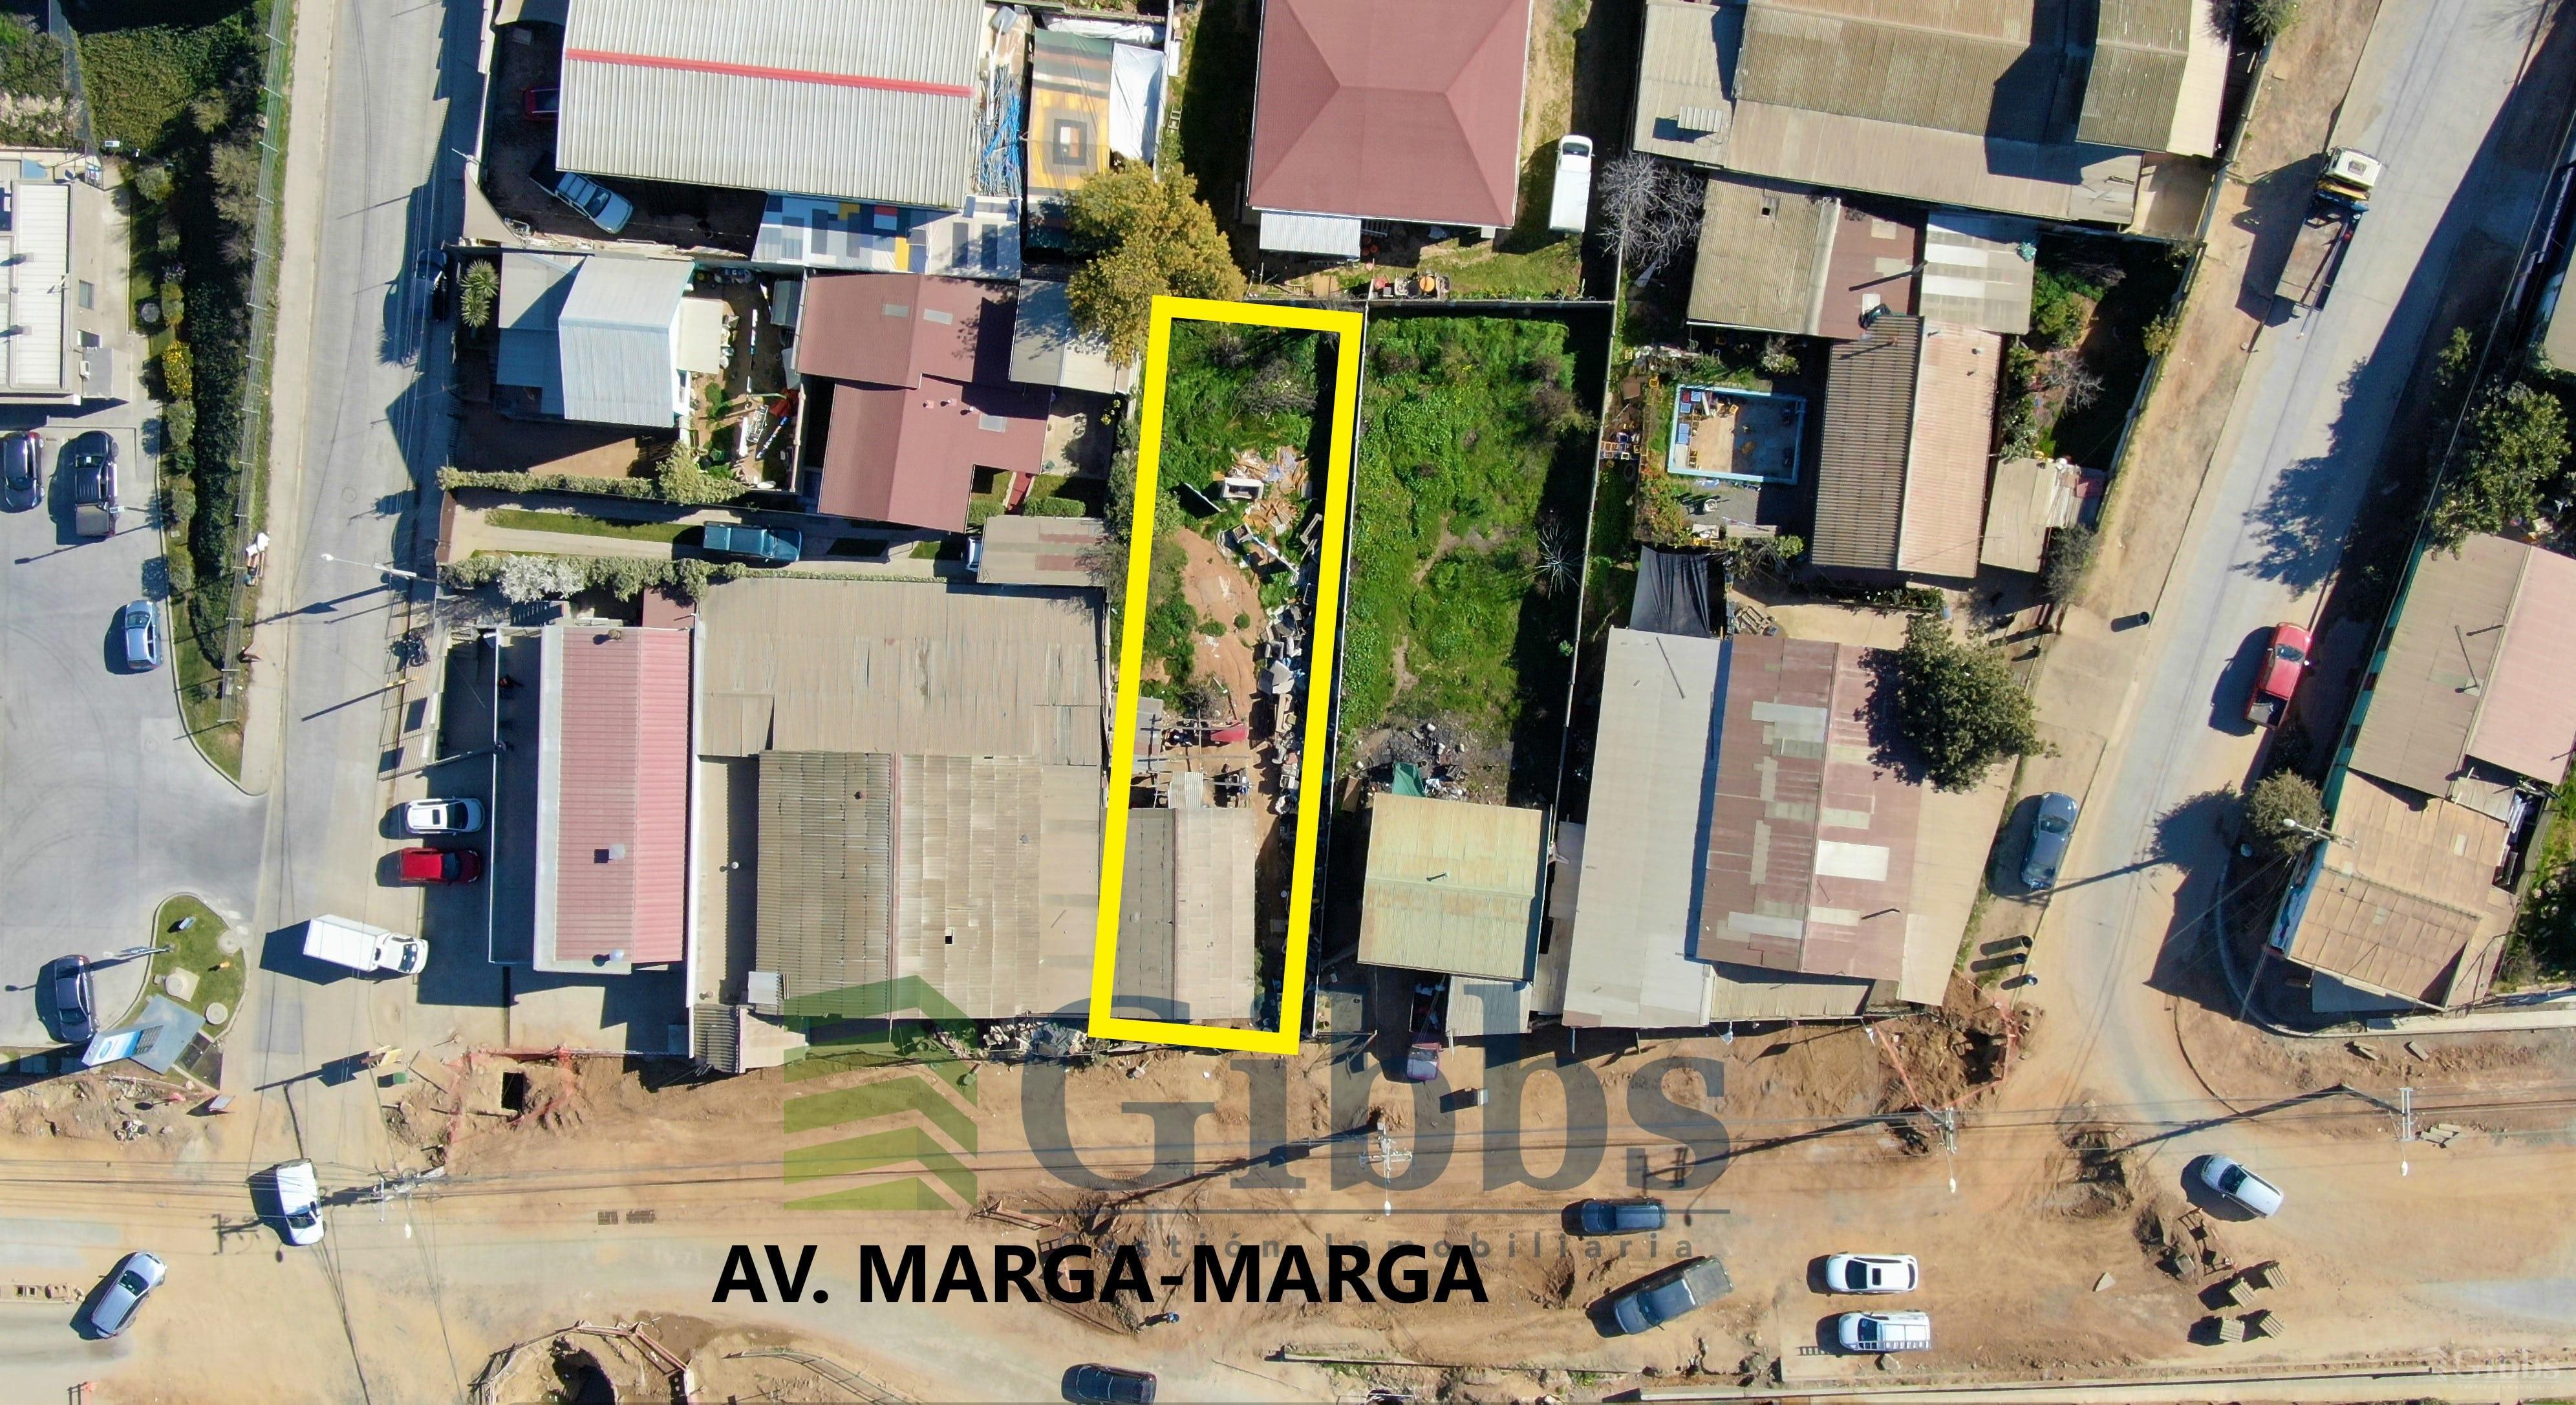 Terreno Para Uso Comercial o Habitacional, Av. Marga-Marga